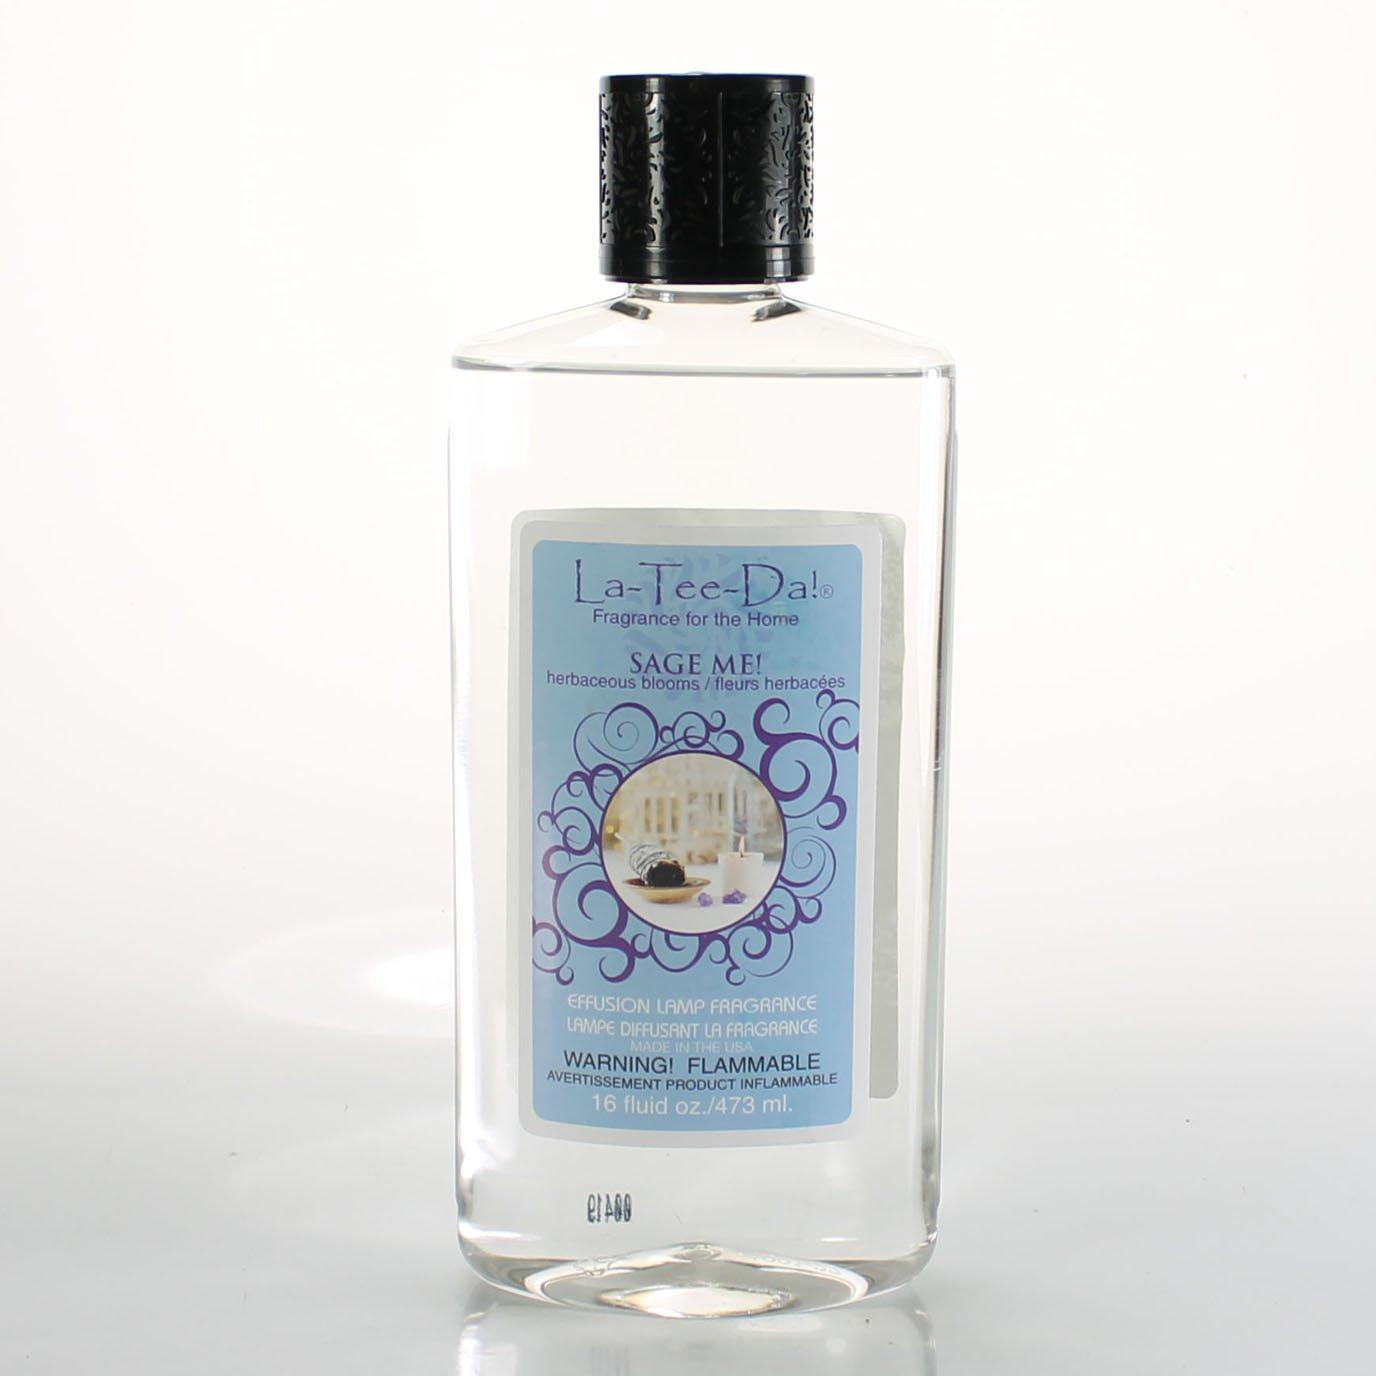 La Tee Da Fuel Fragrance Sage Me! (16 oz.)